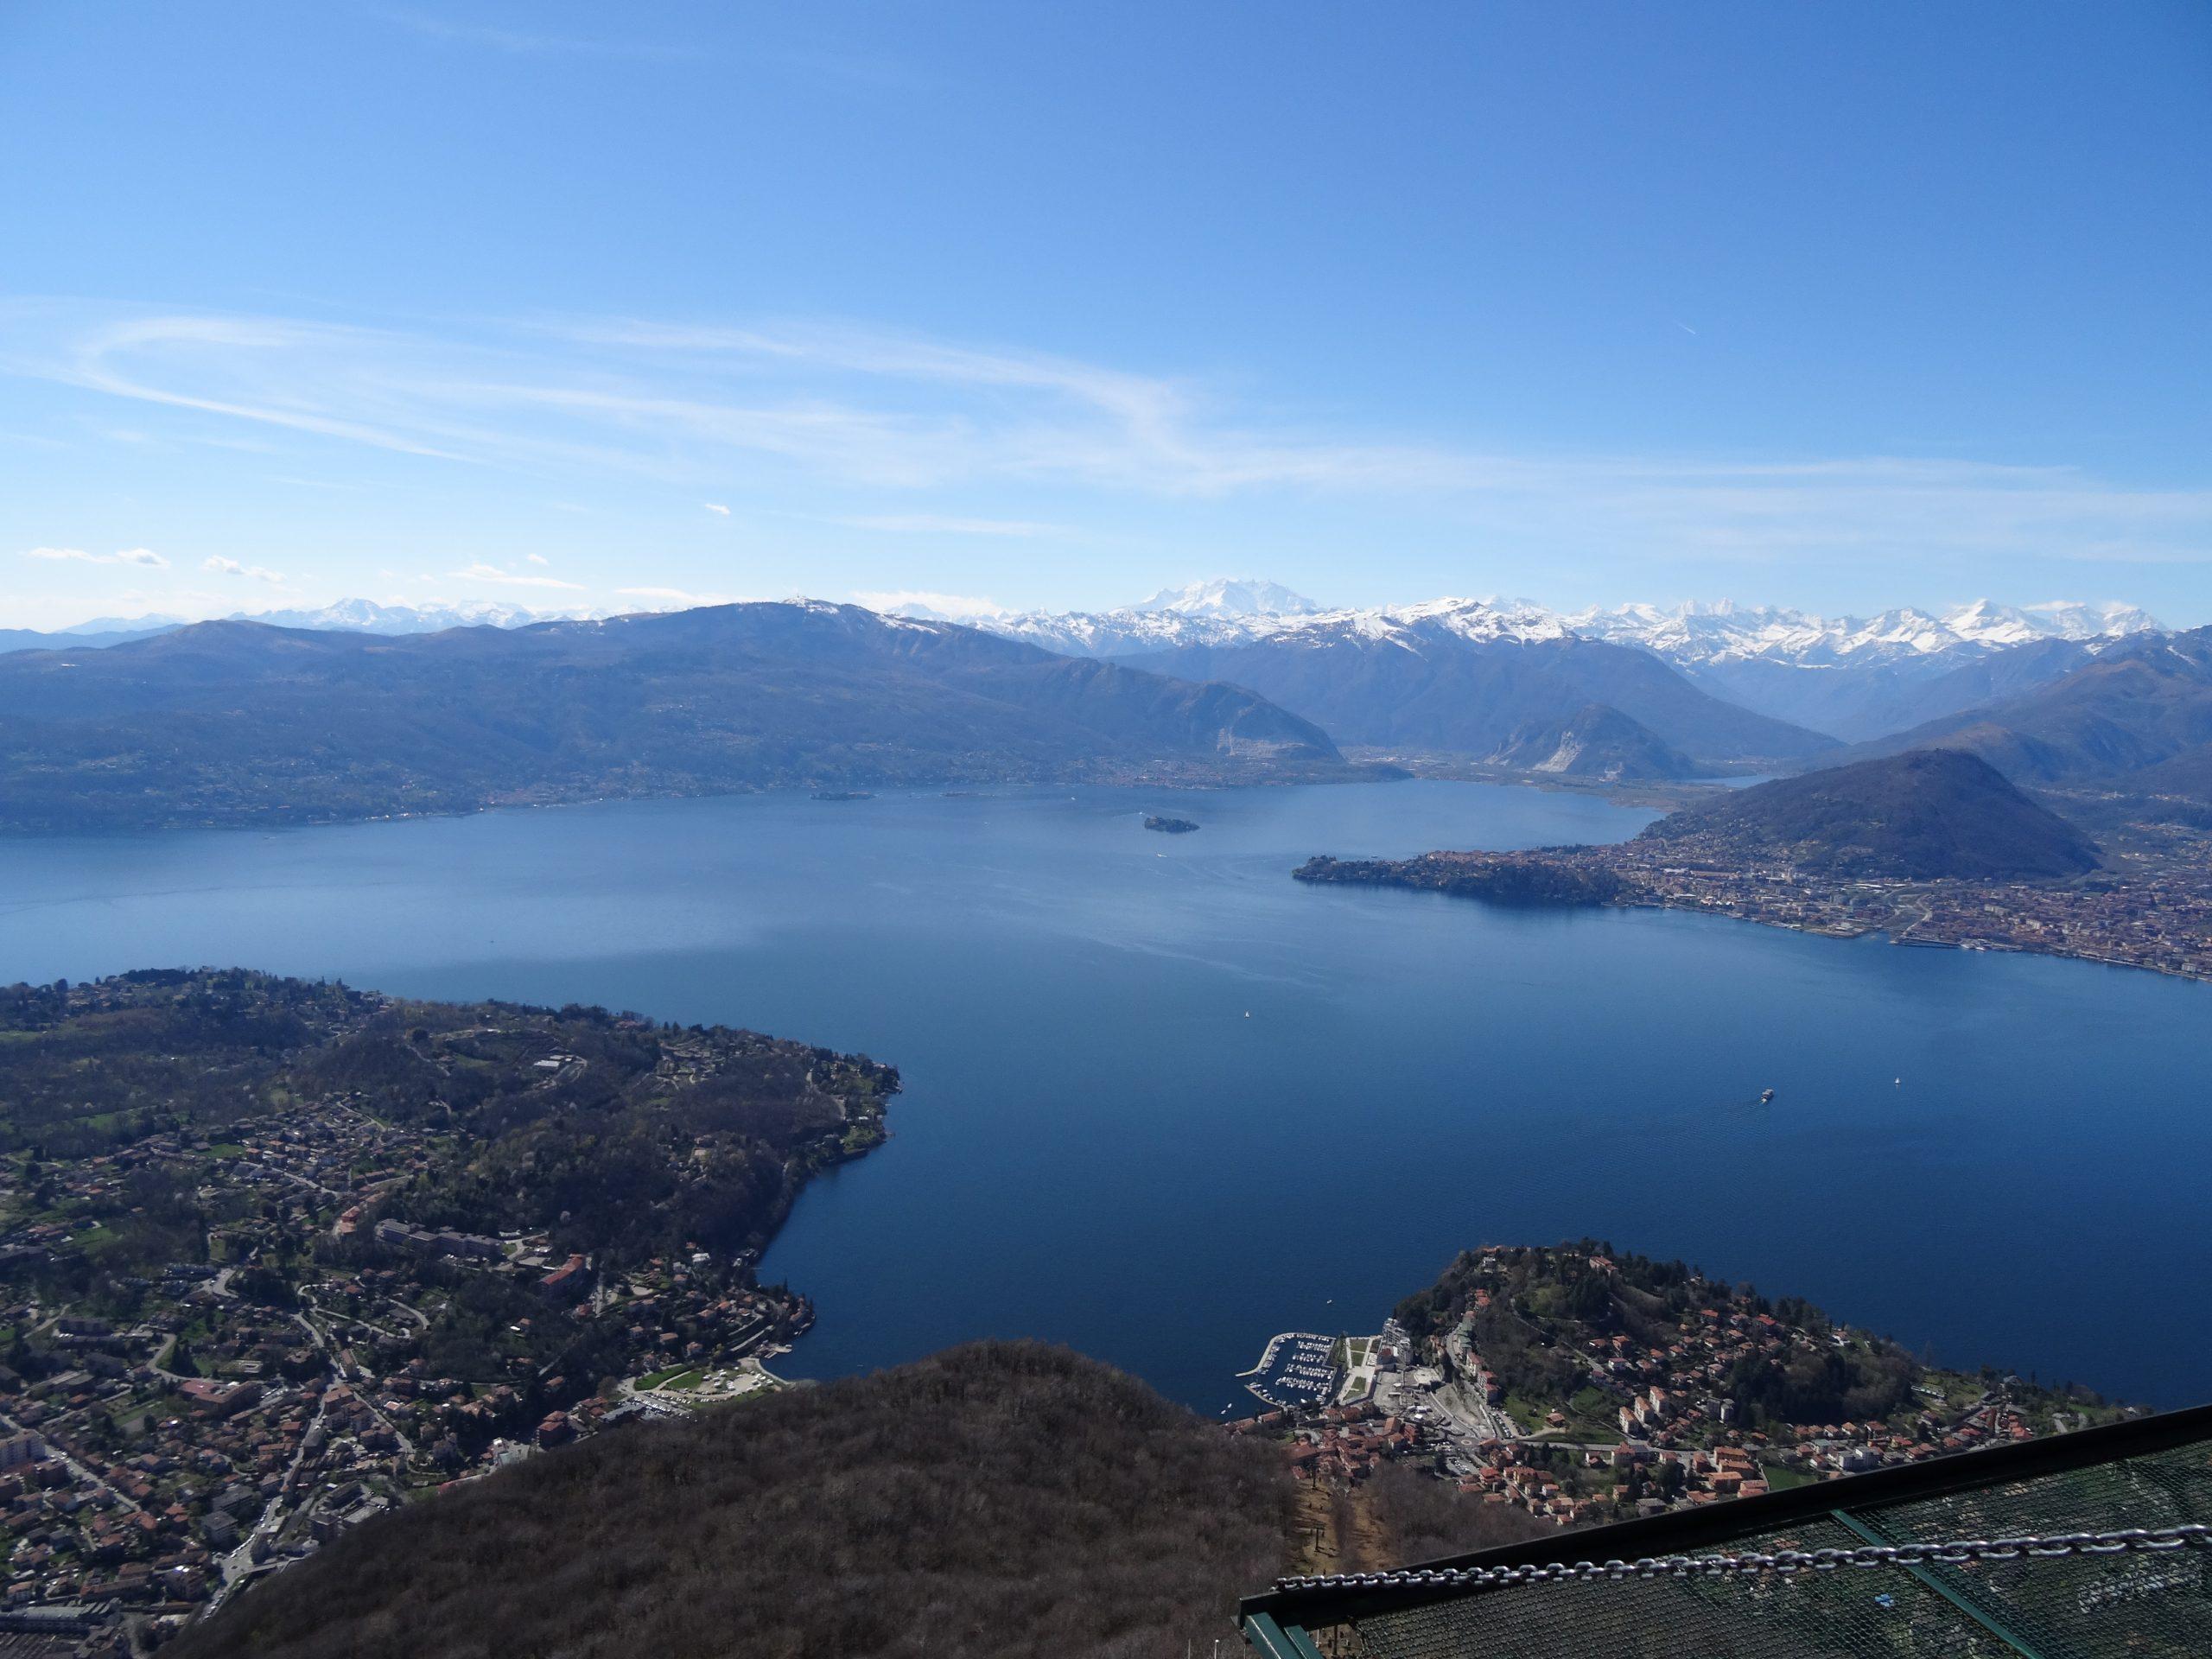 Passeggiate al lago: Vista sul Lago Maggiore e Monte Rosa